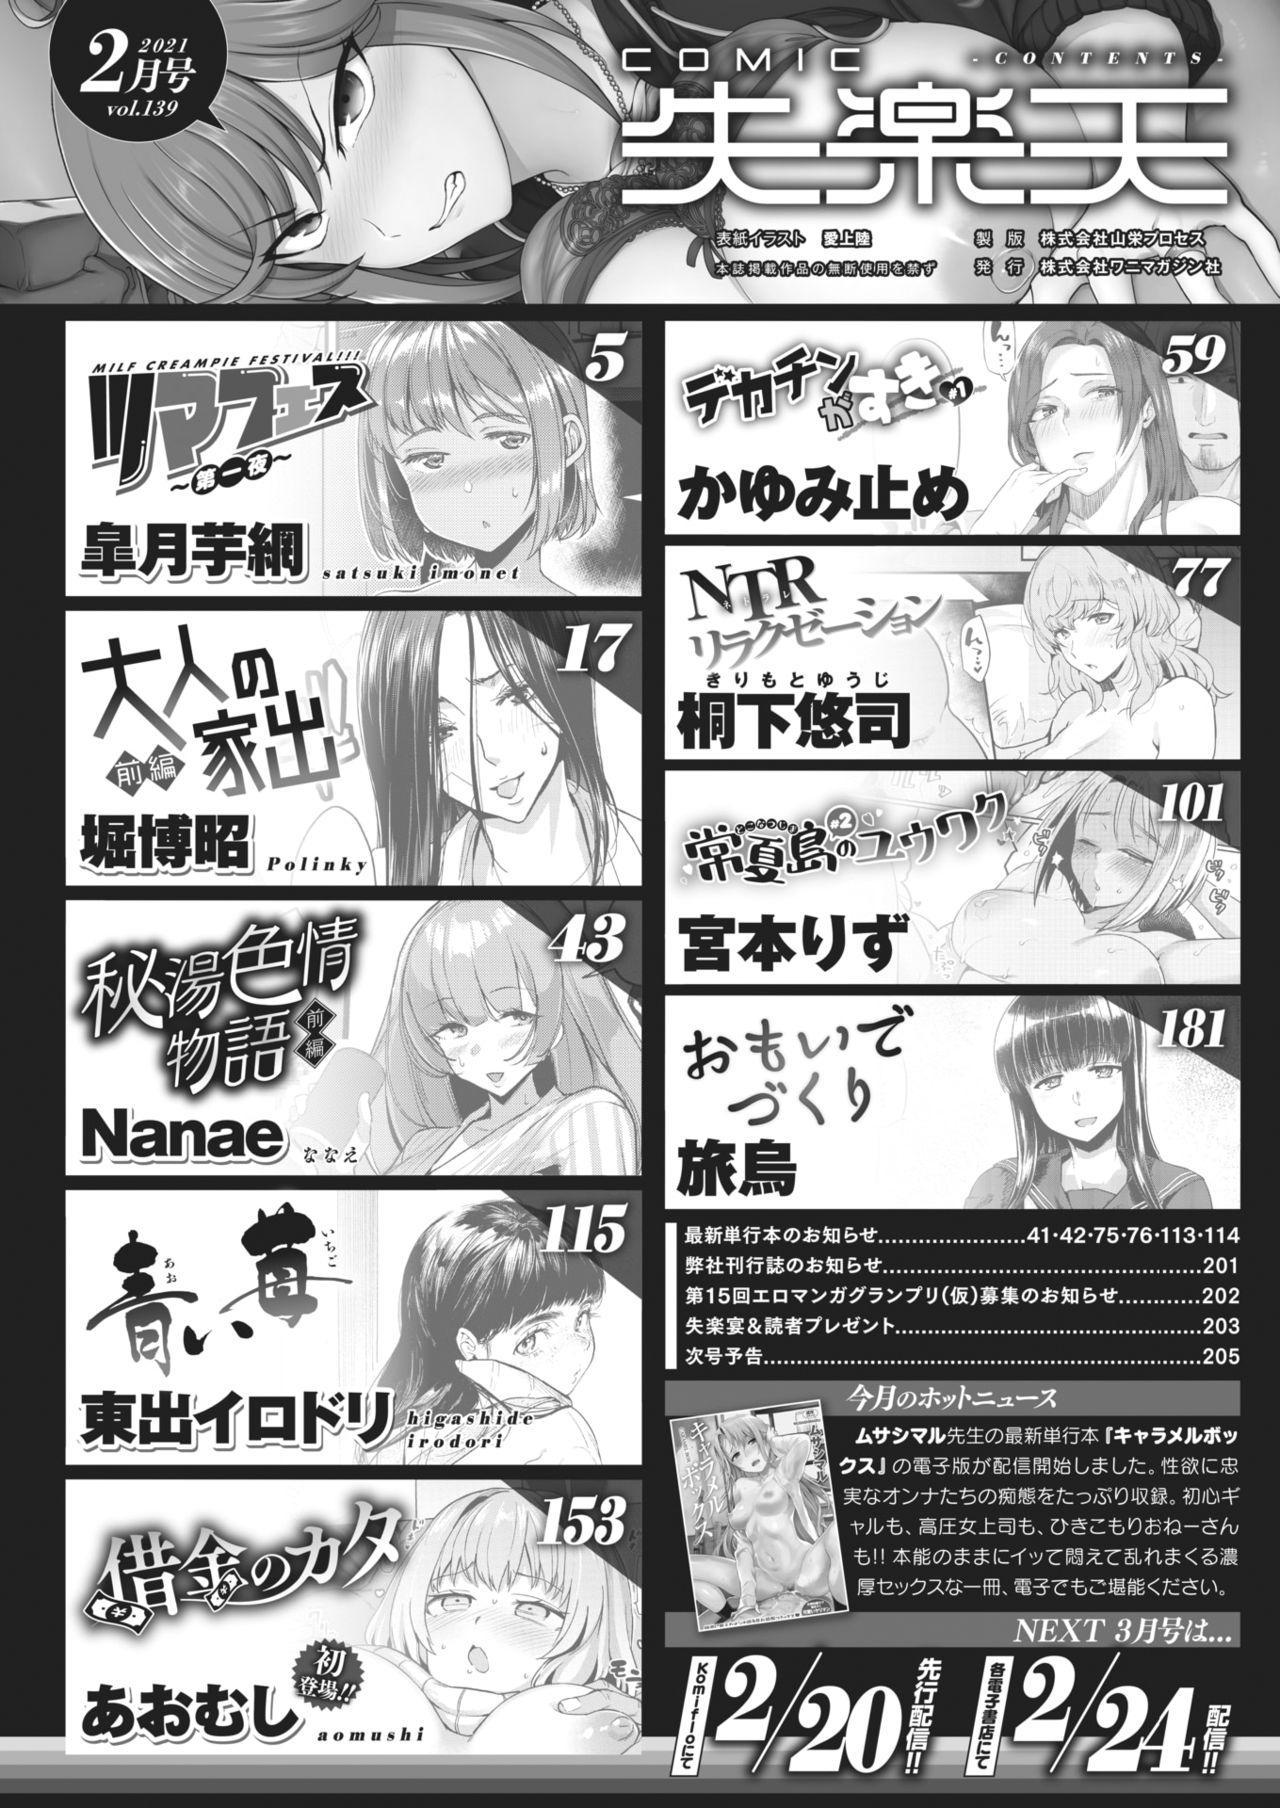 COMIC Shitsurakuten 2021-02 3